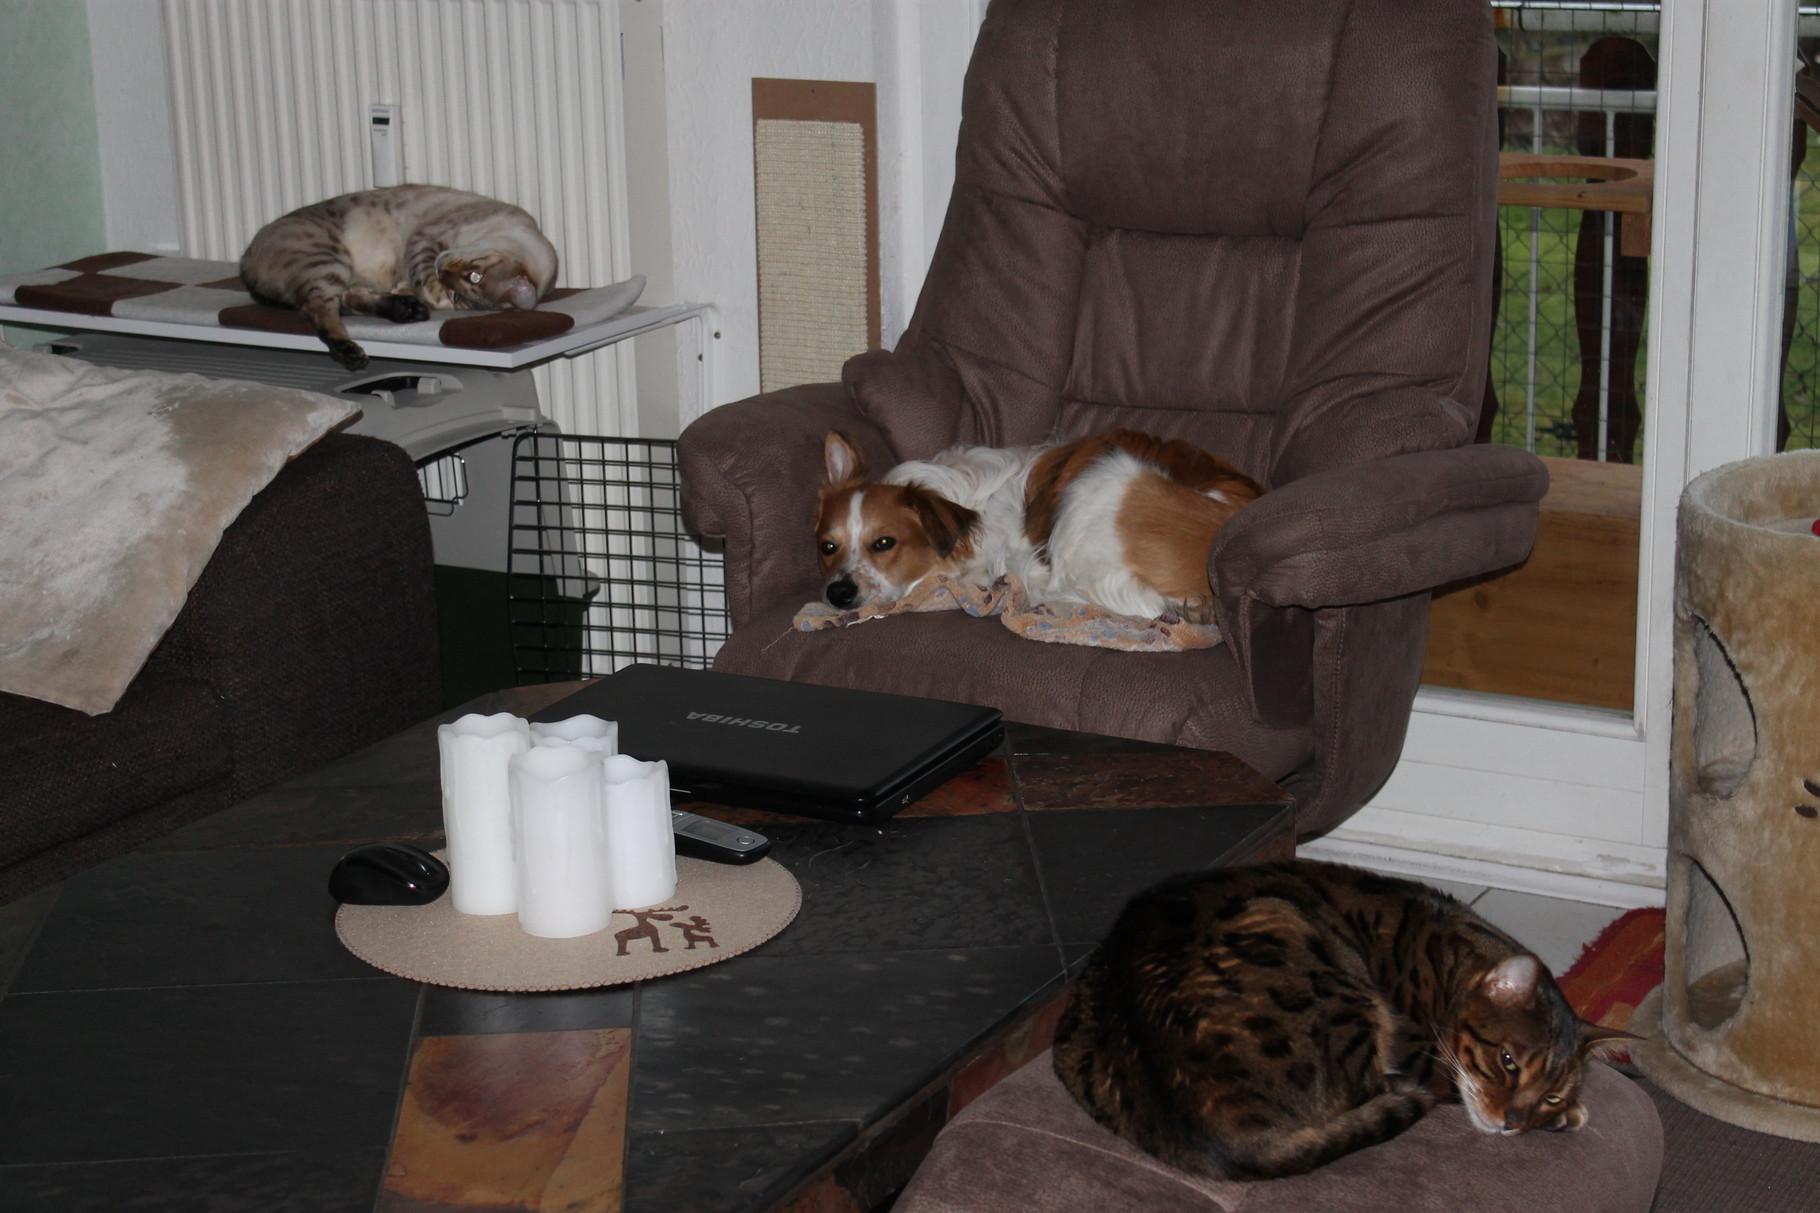 Die besten Plätze für meine Katzenkumpels und mich...